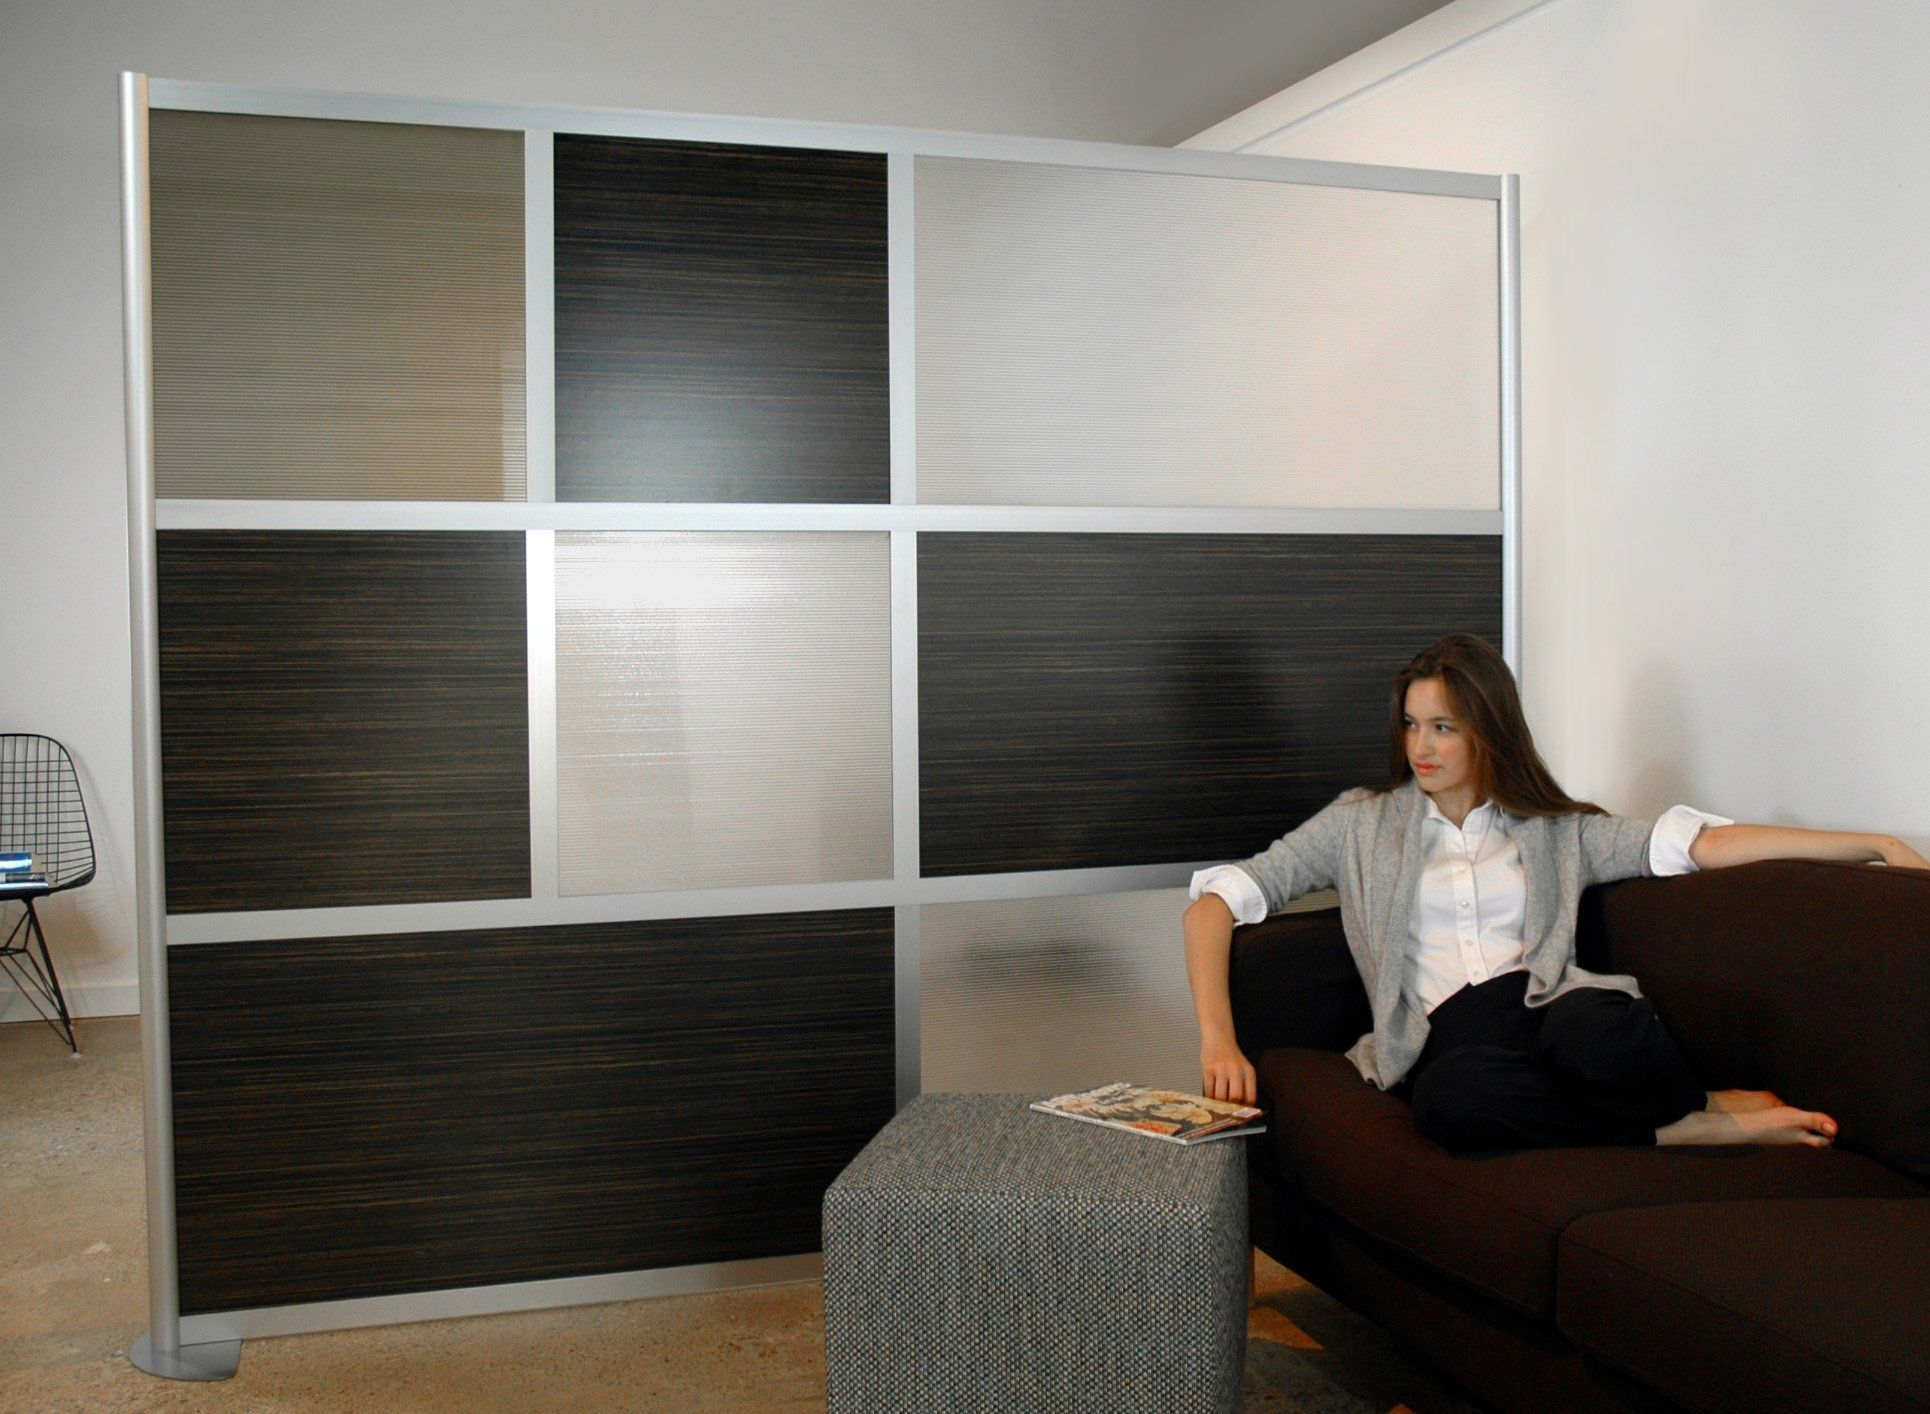 Bedroom divider walls ikea wall divider studio flat outstanding